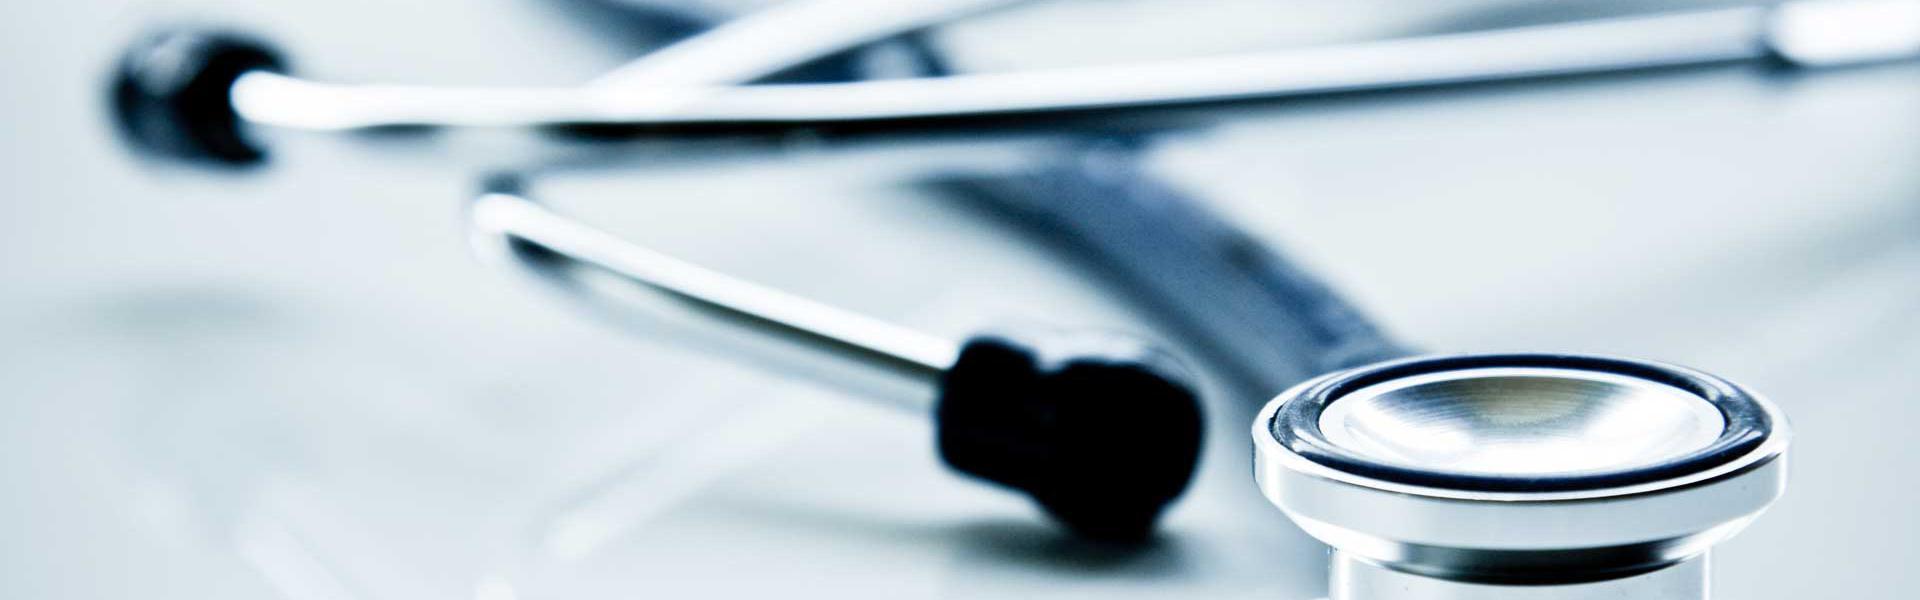 slide-stethoscope.jpg